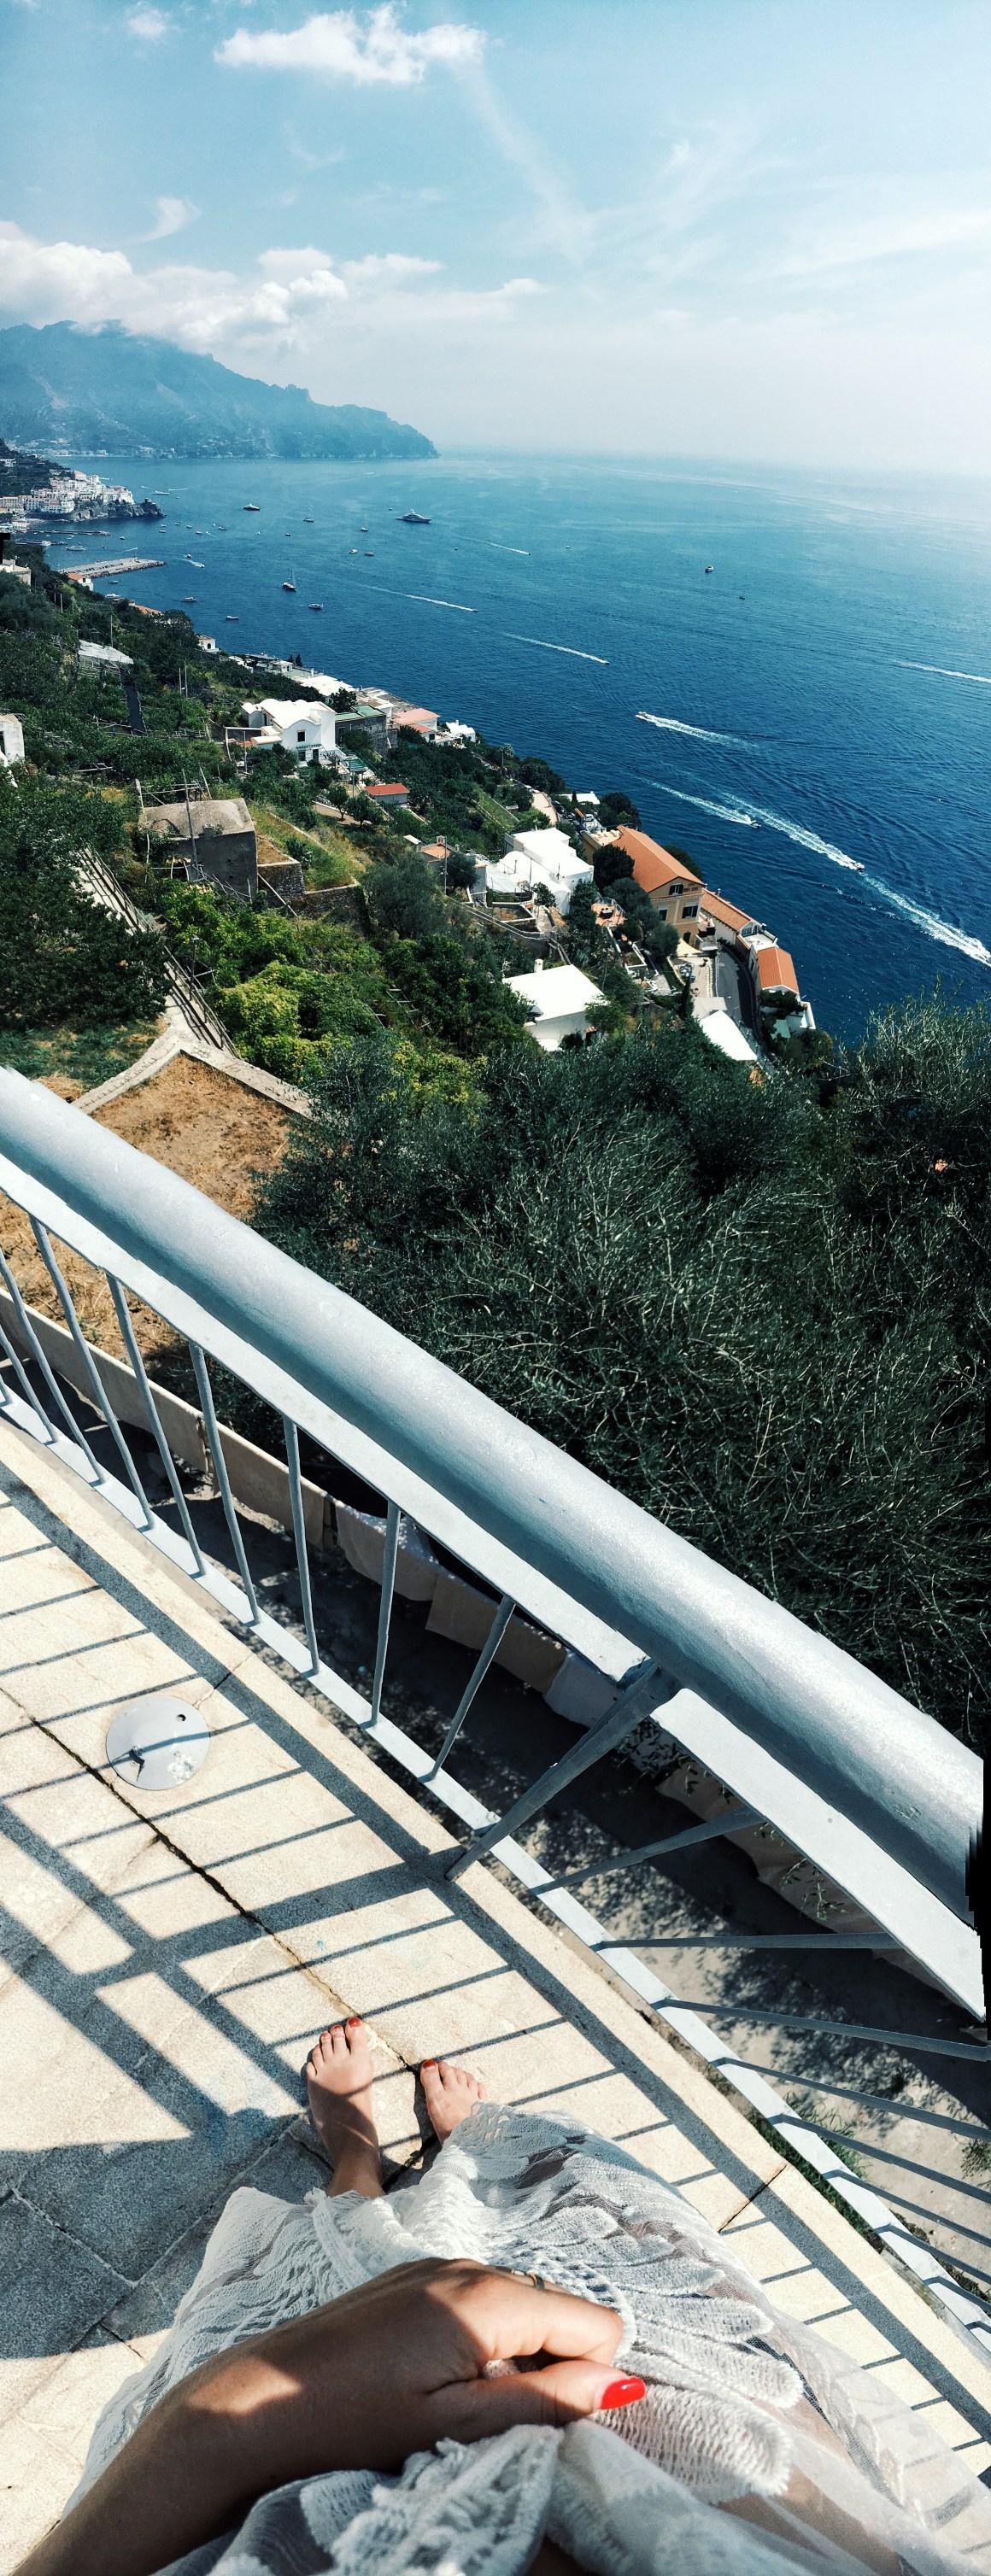 Amalfi Costiera Amalfitana Trip Travel Once Upon a Time